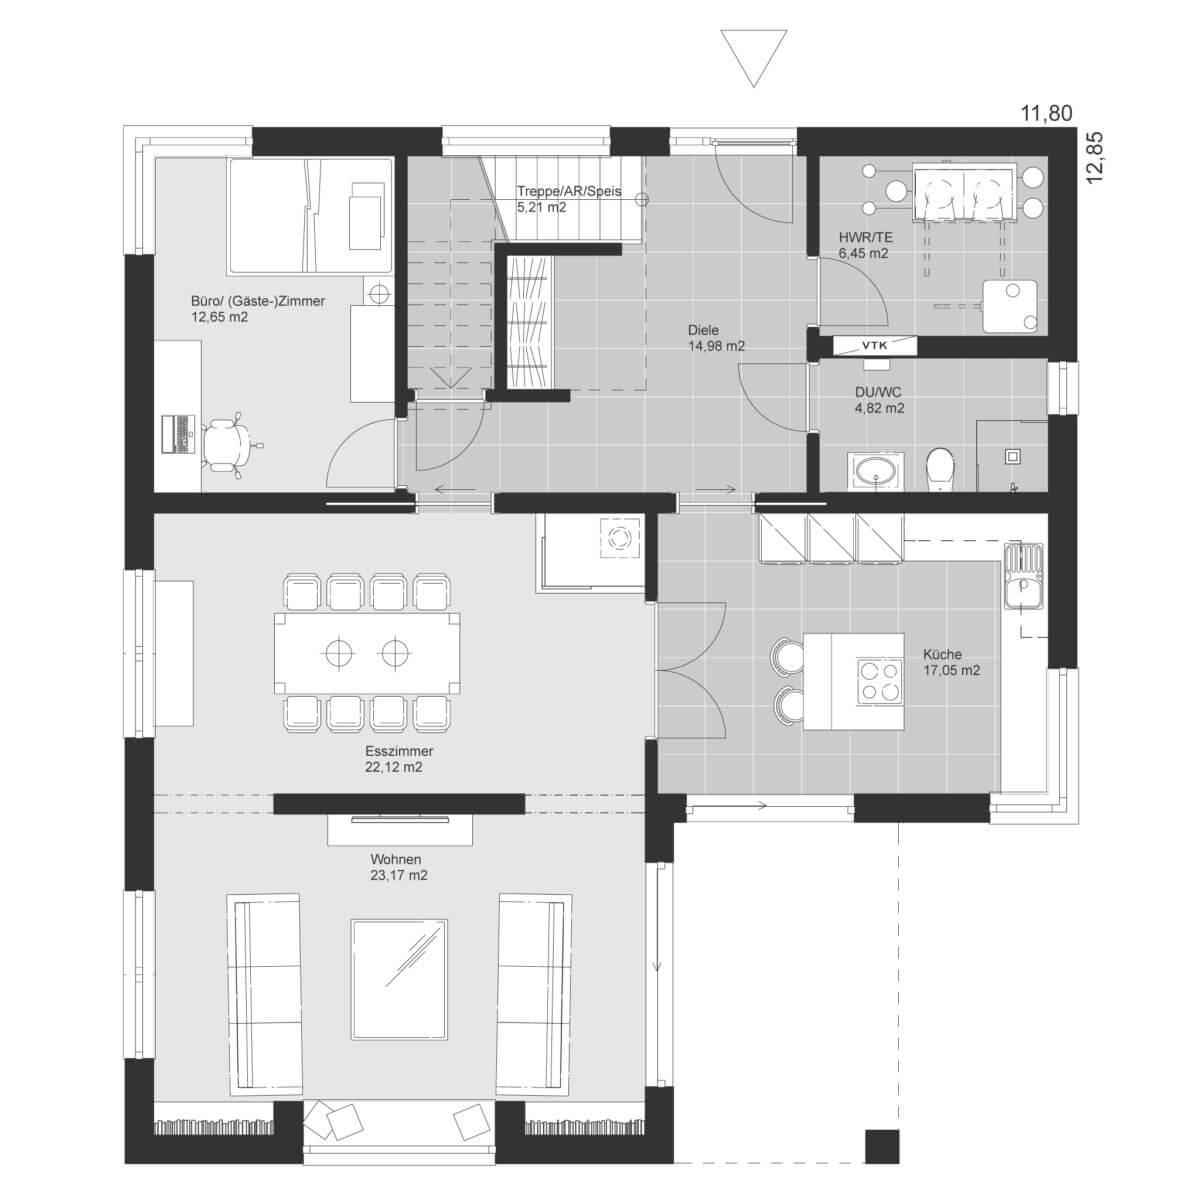 Einfamilienhaus Grundriss Erdgeschoss mit Erker - Haus Design Ideen Fertighaus ELK Haus 186 - HausbauDirekt.de